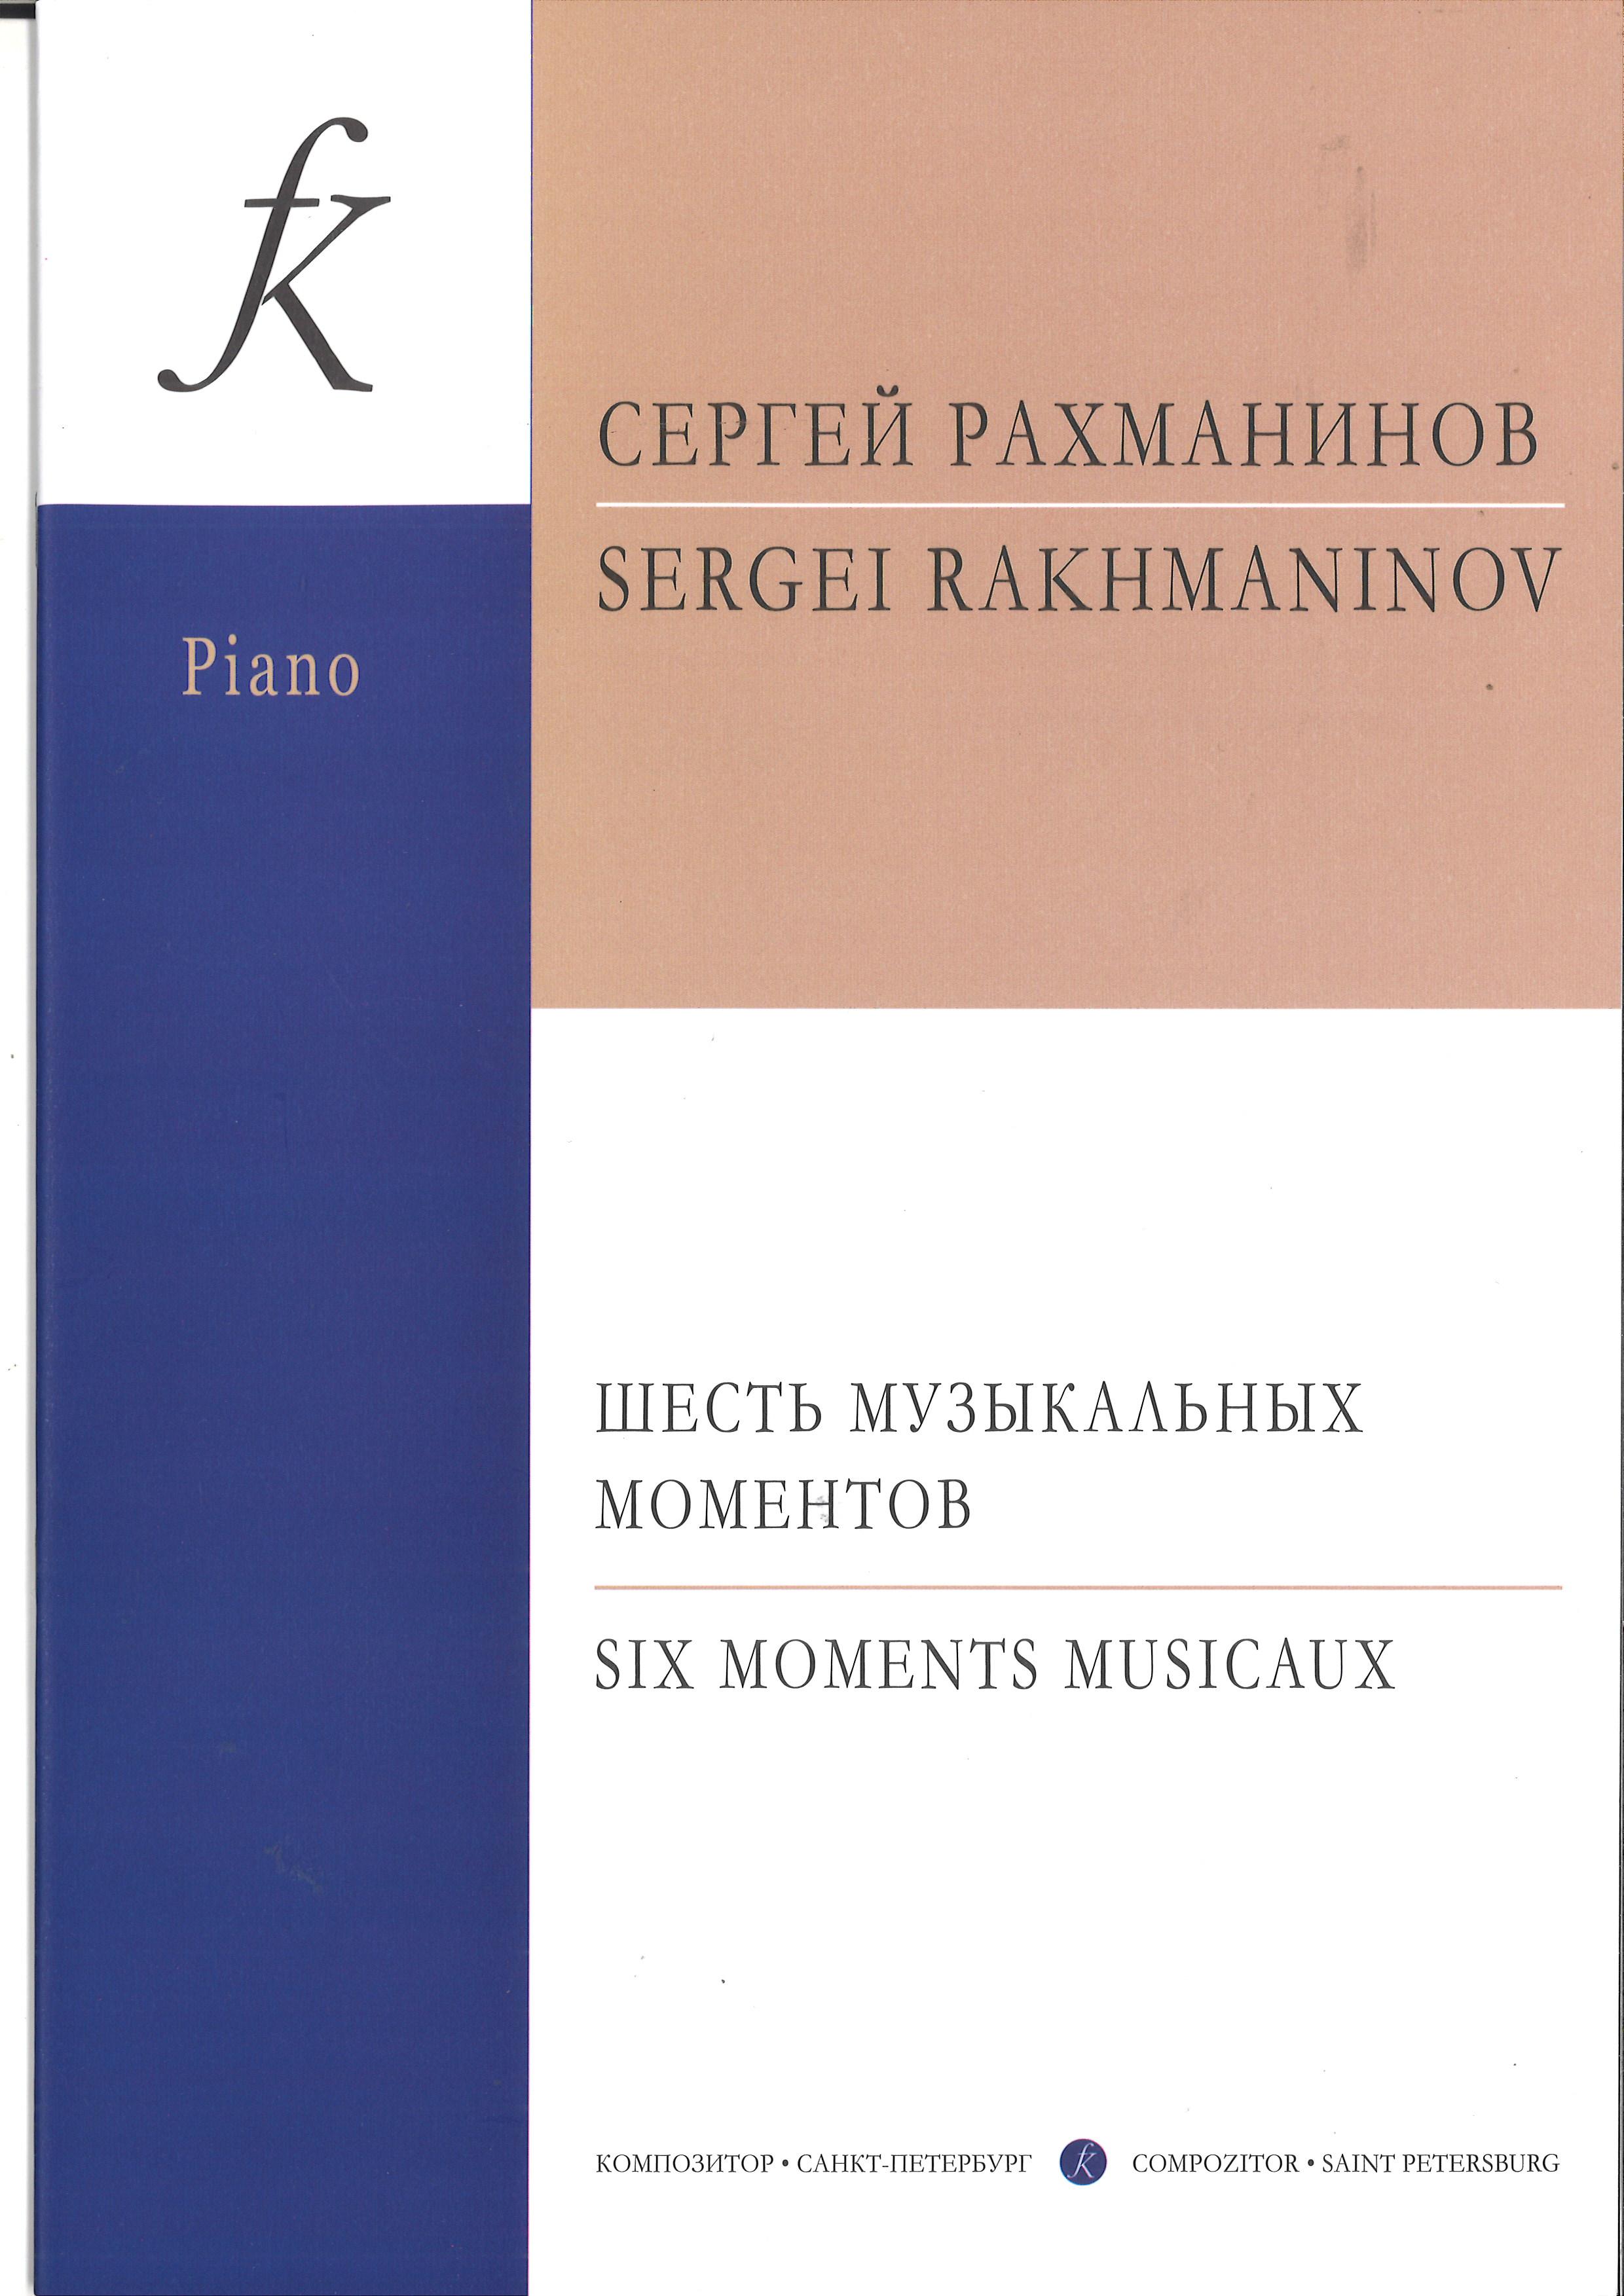 Шесть музыкальных моментов. Op. 16